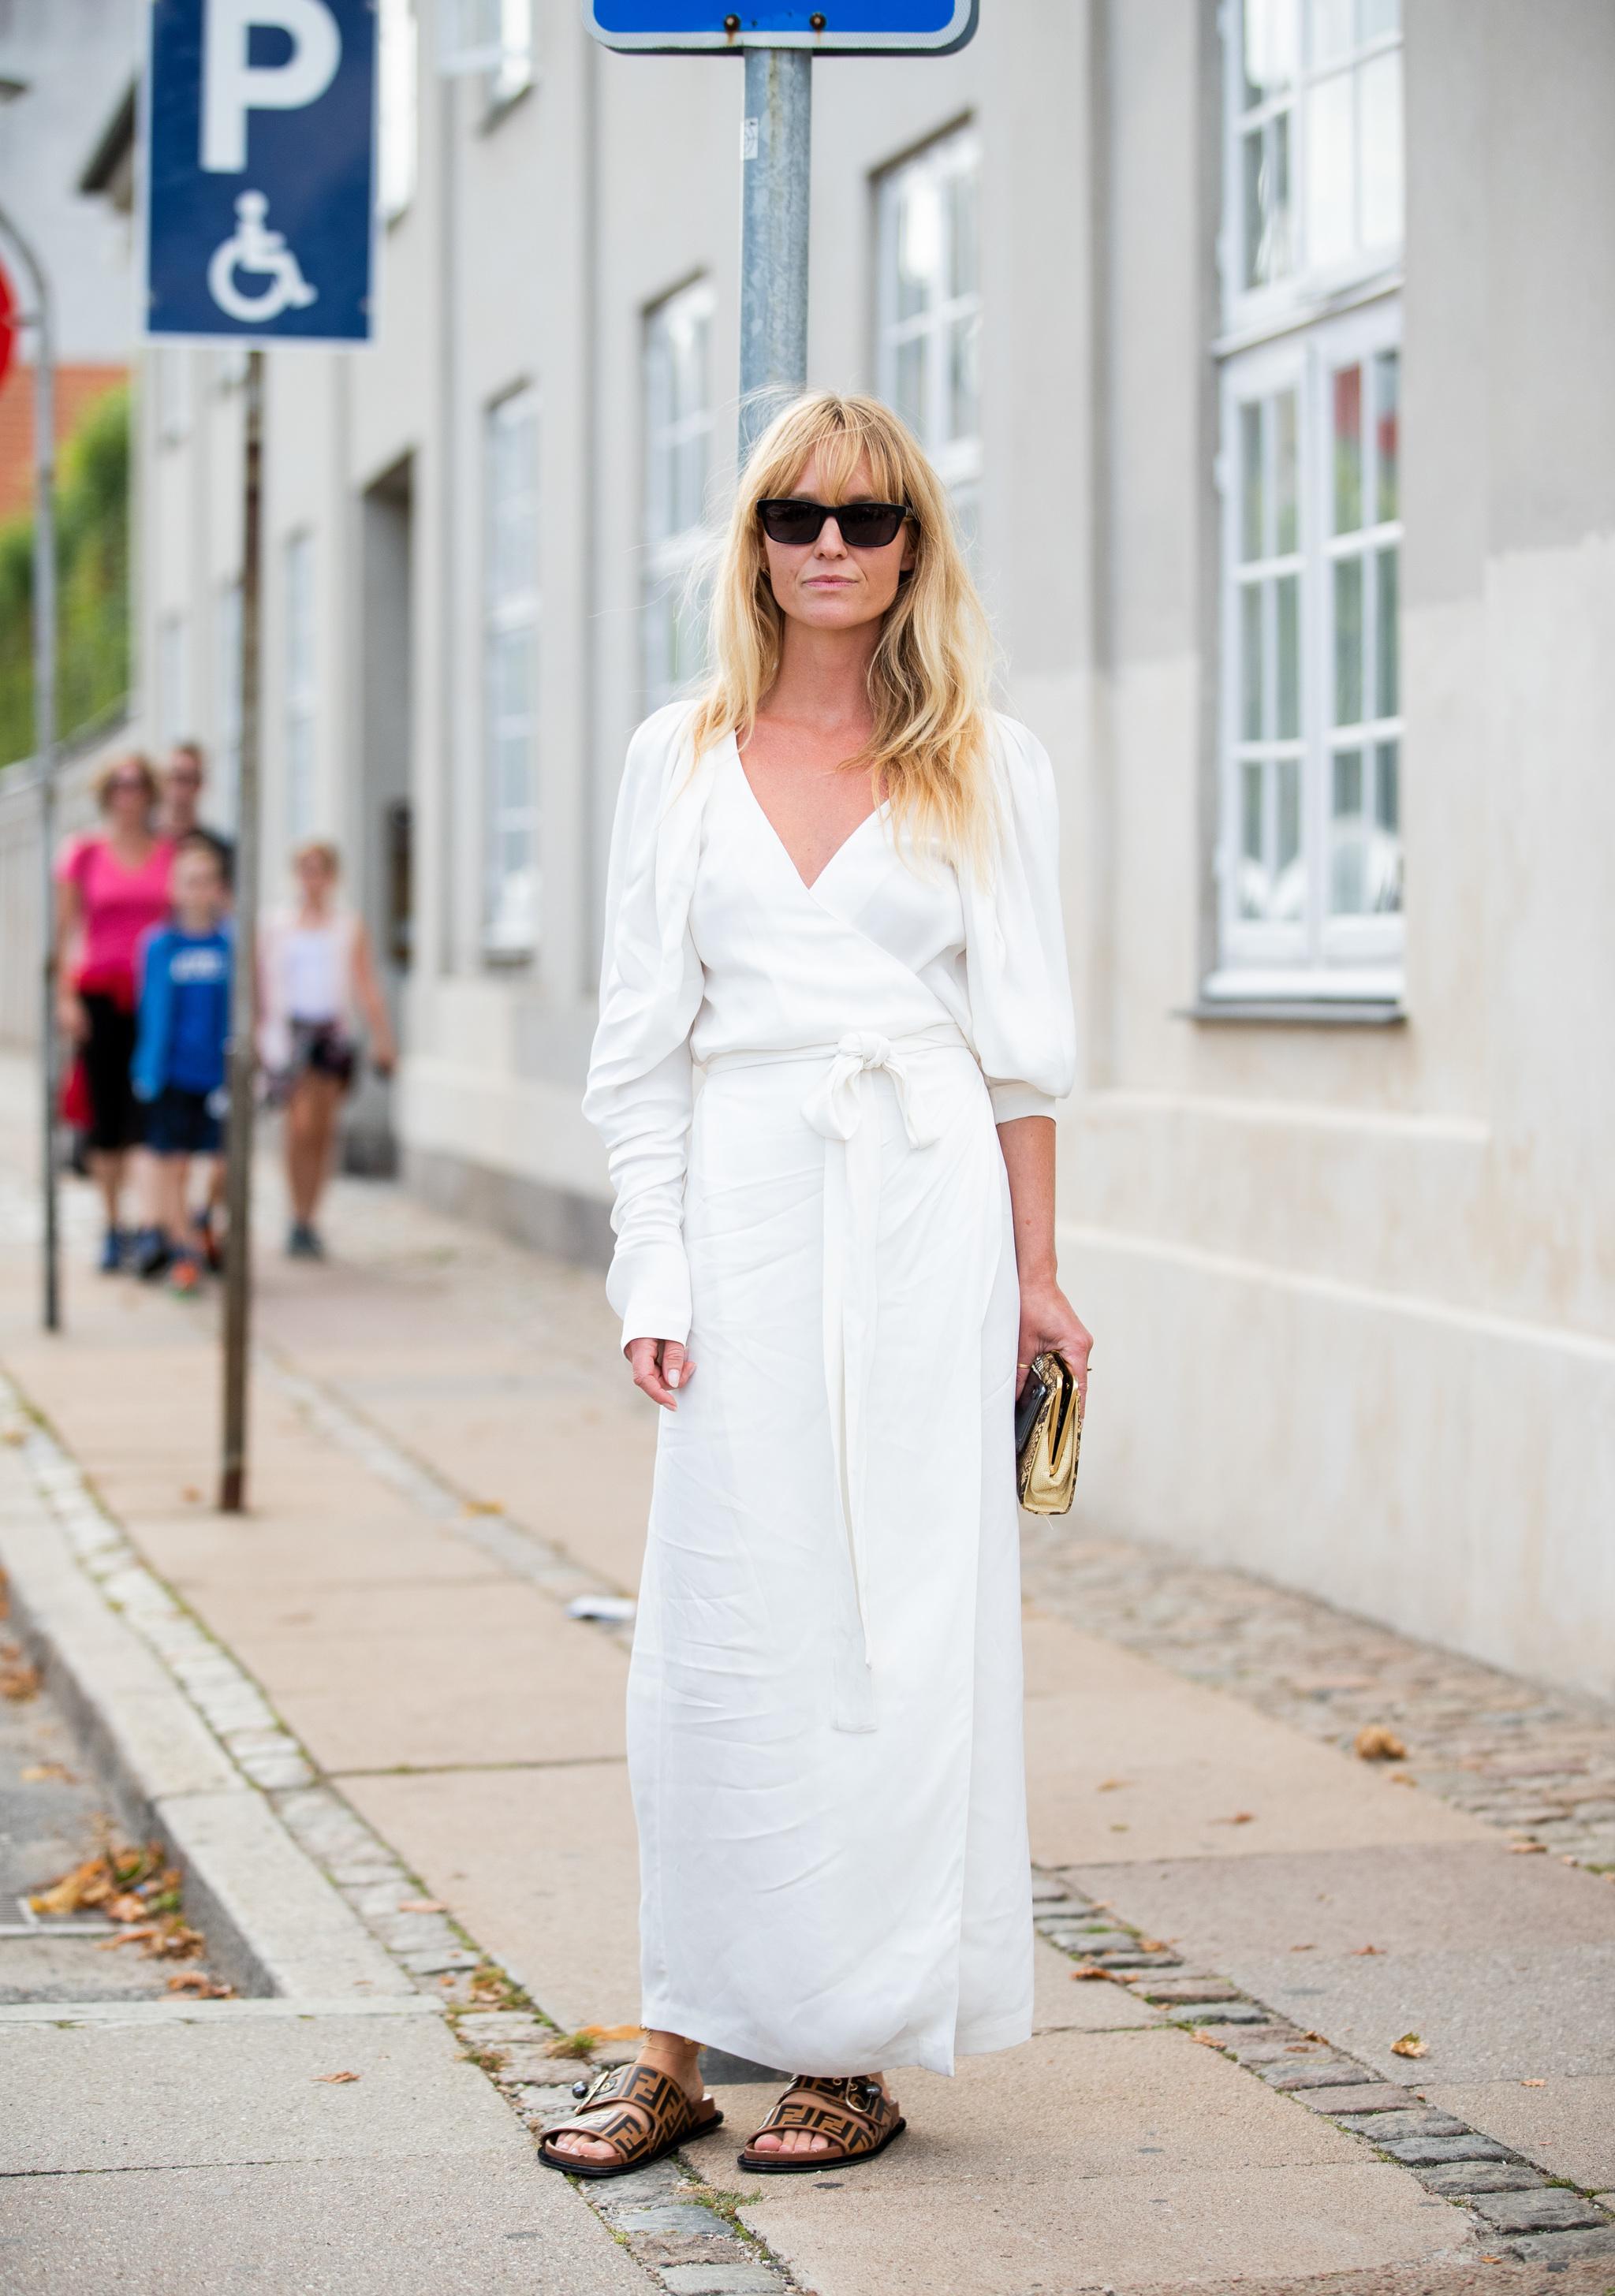 Jeanette Madsen con un vestido blanco.